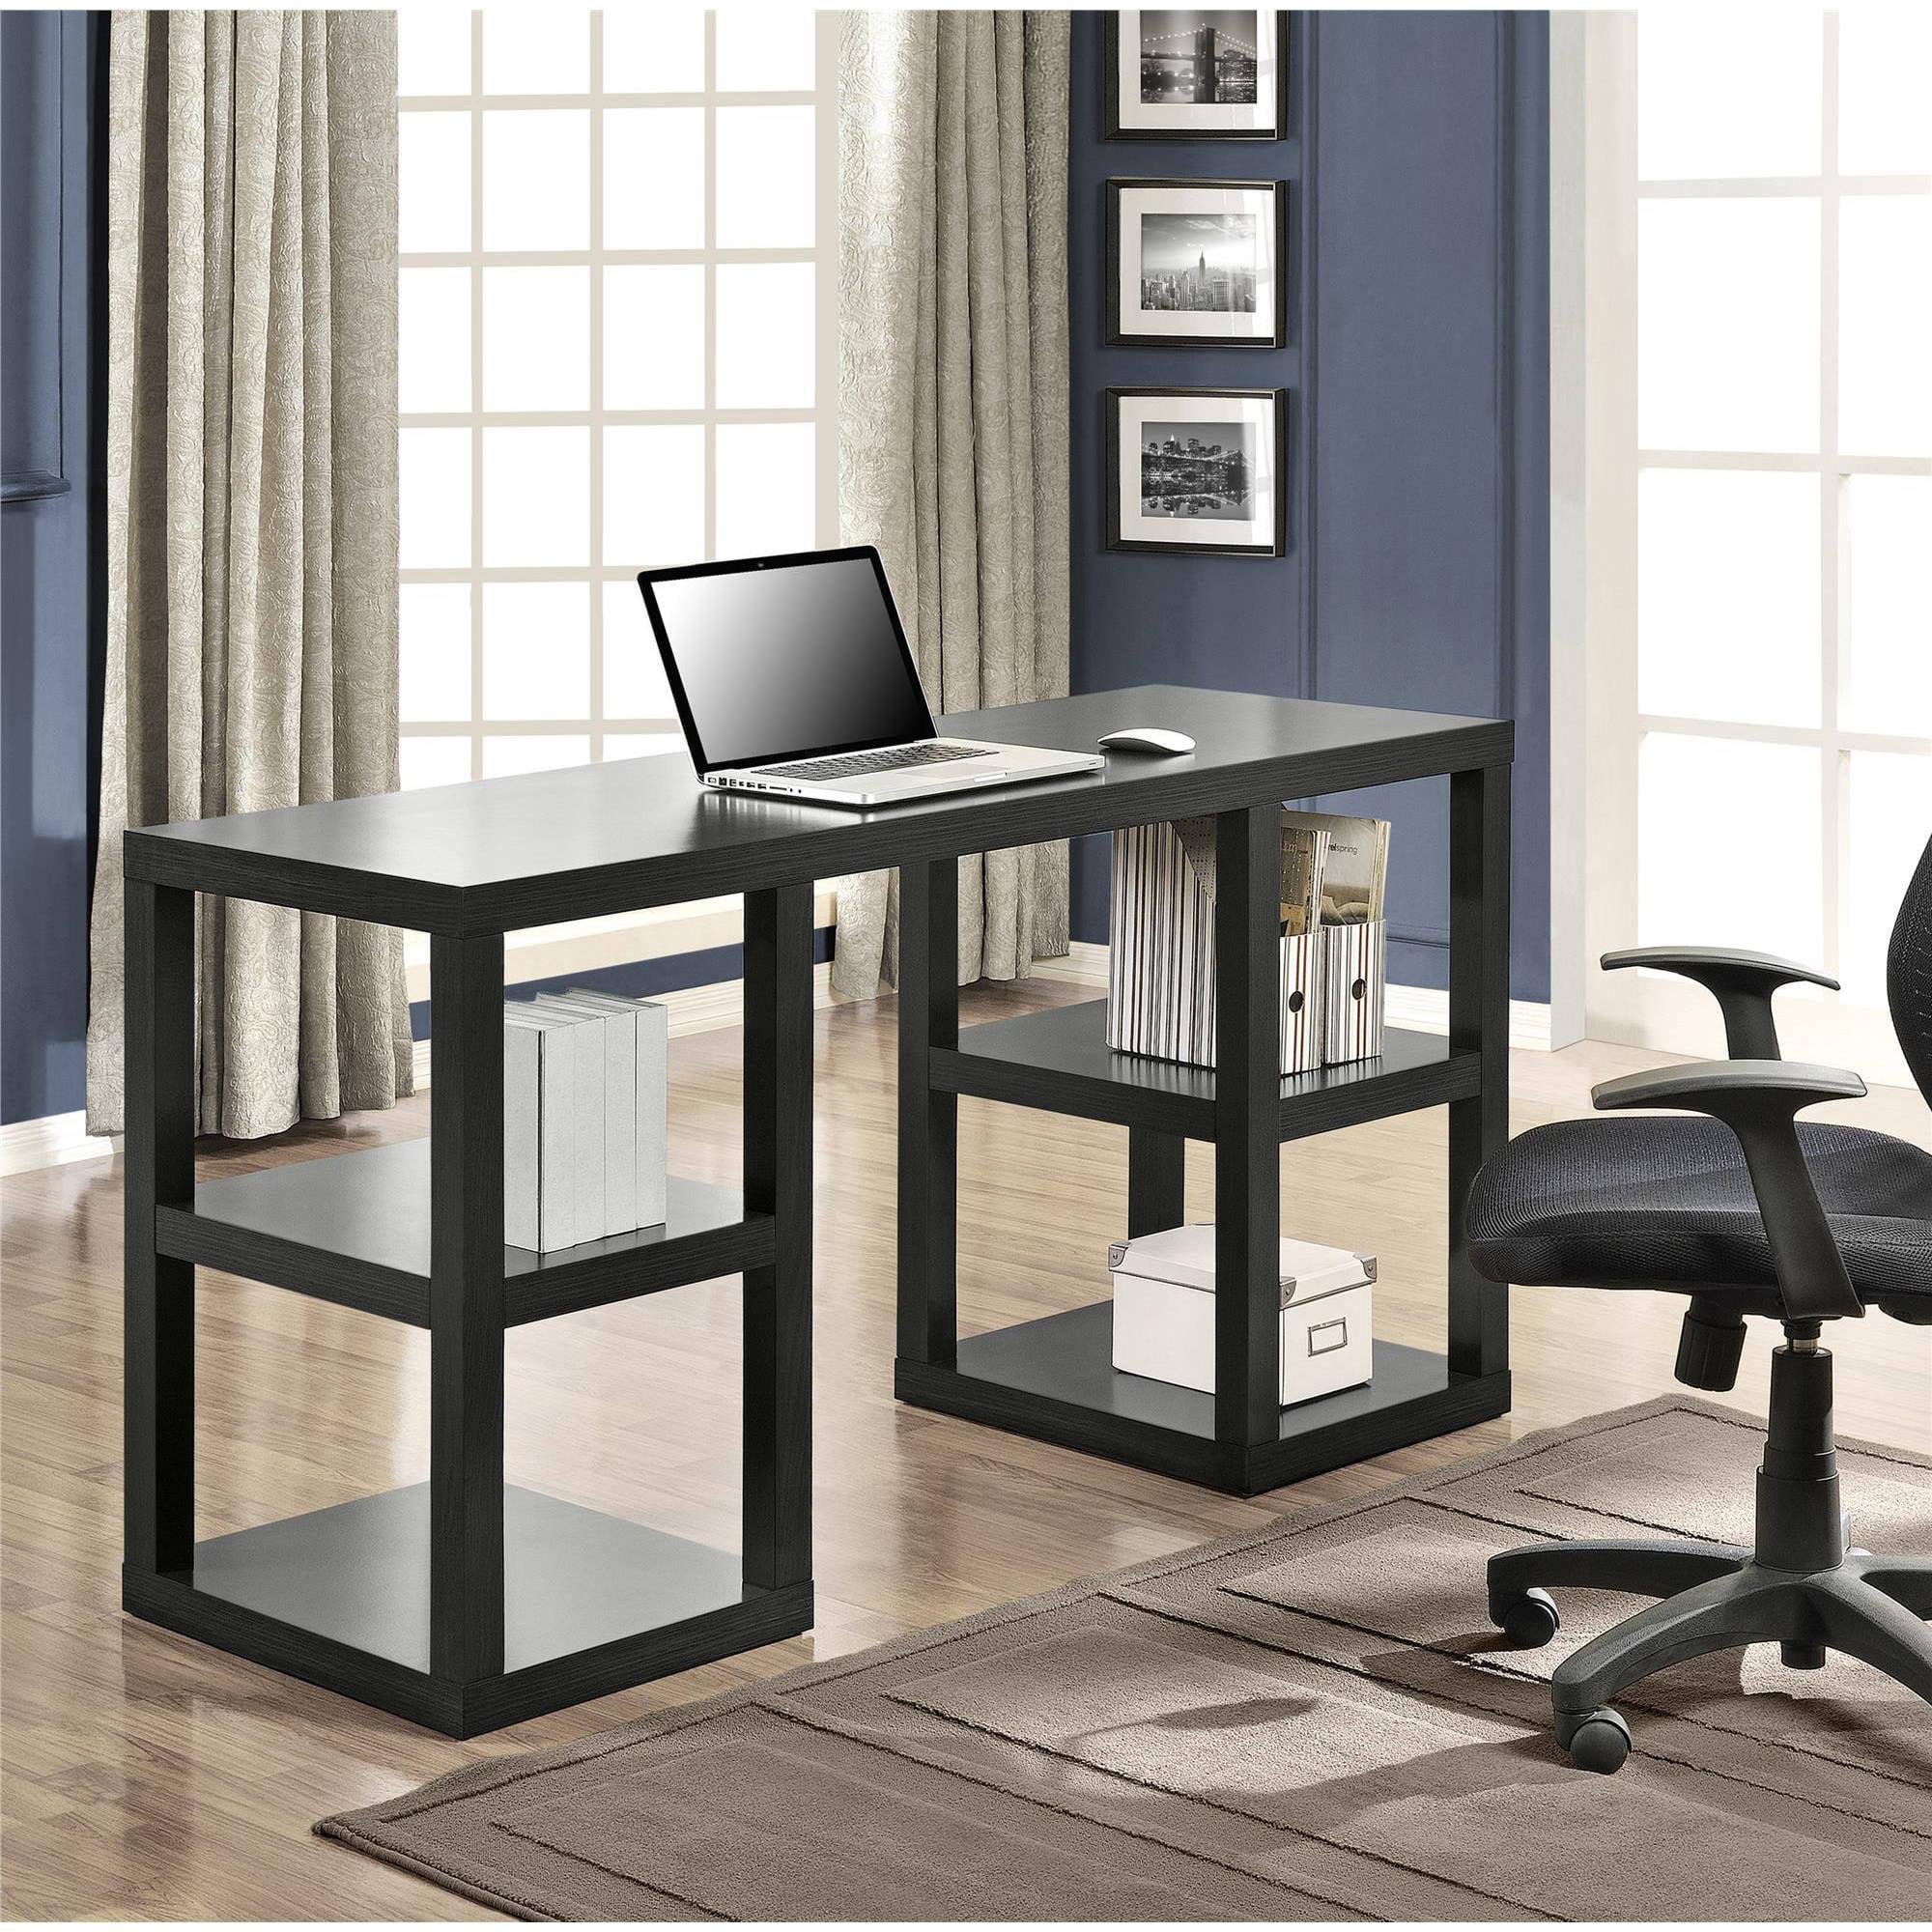 Computer Desk Home Office Double Pedestal Parsons Desk